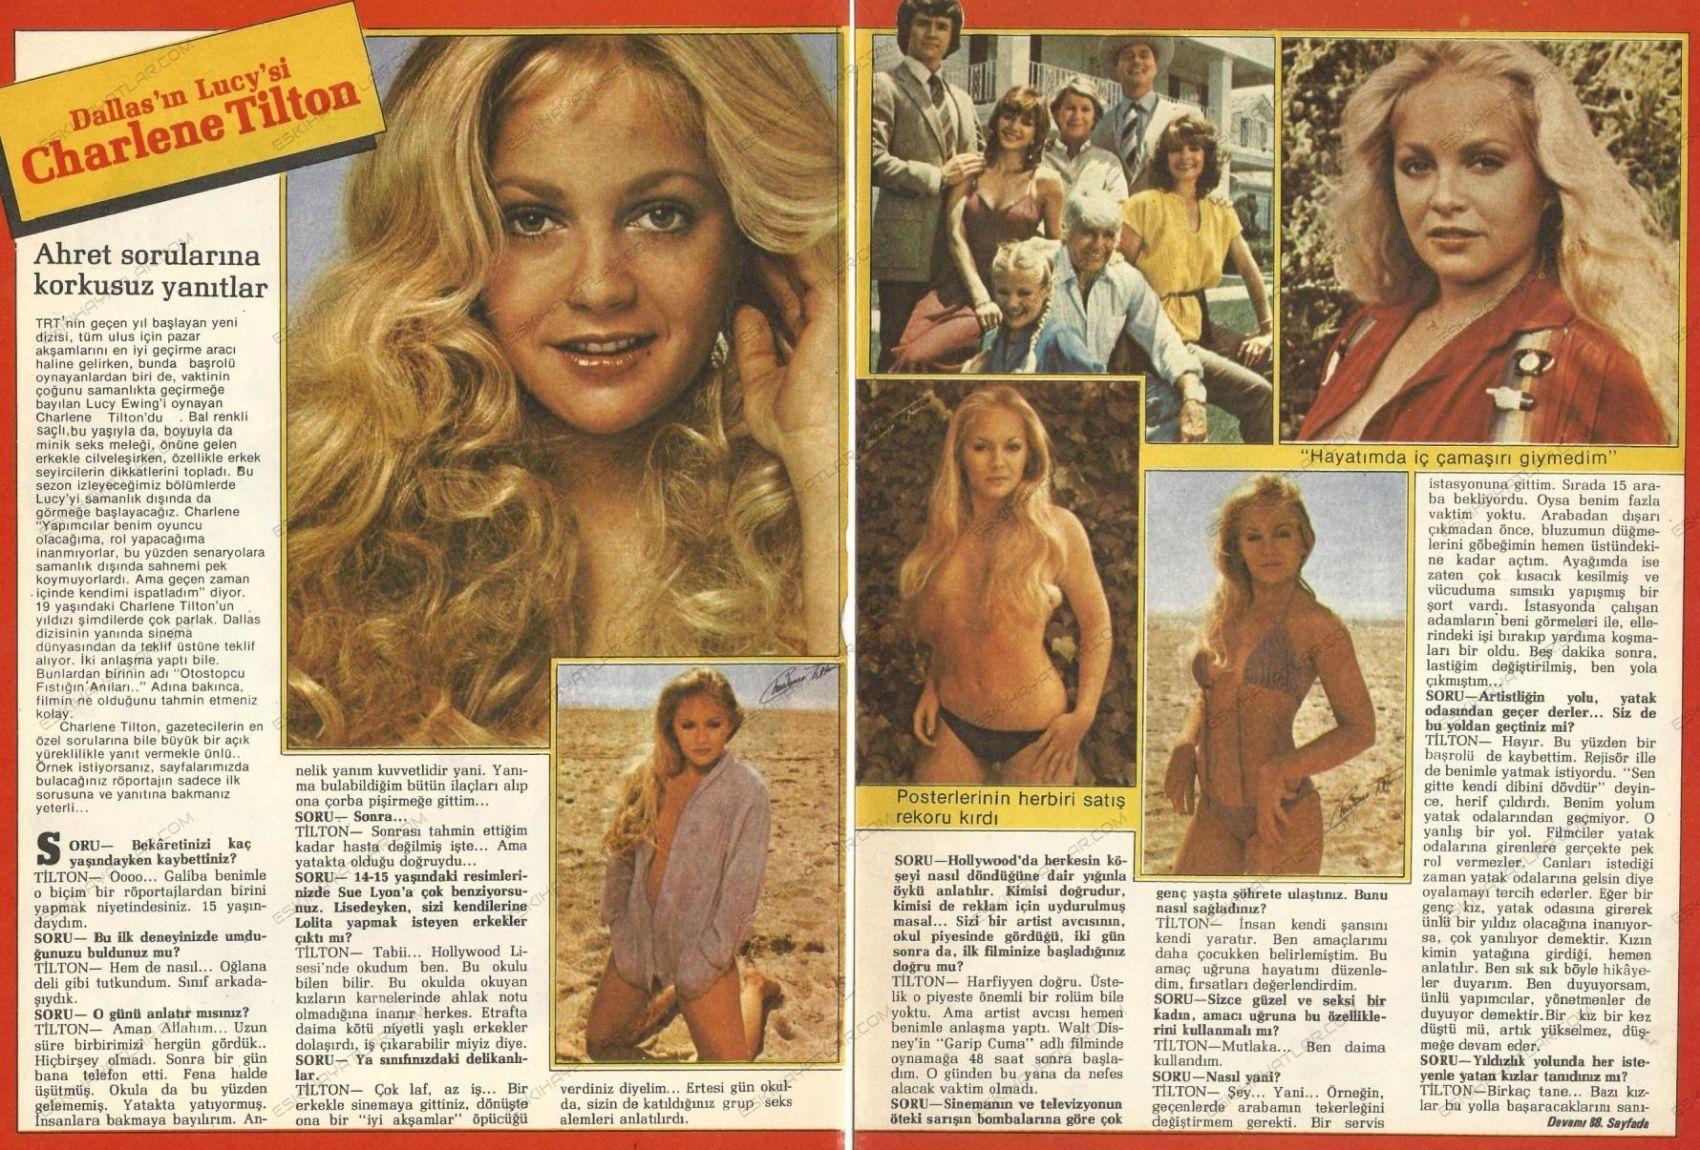 0173-dallas-dizisi-oyunculari-charlene-tilton-1981-erkekce-dergisi